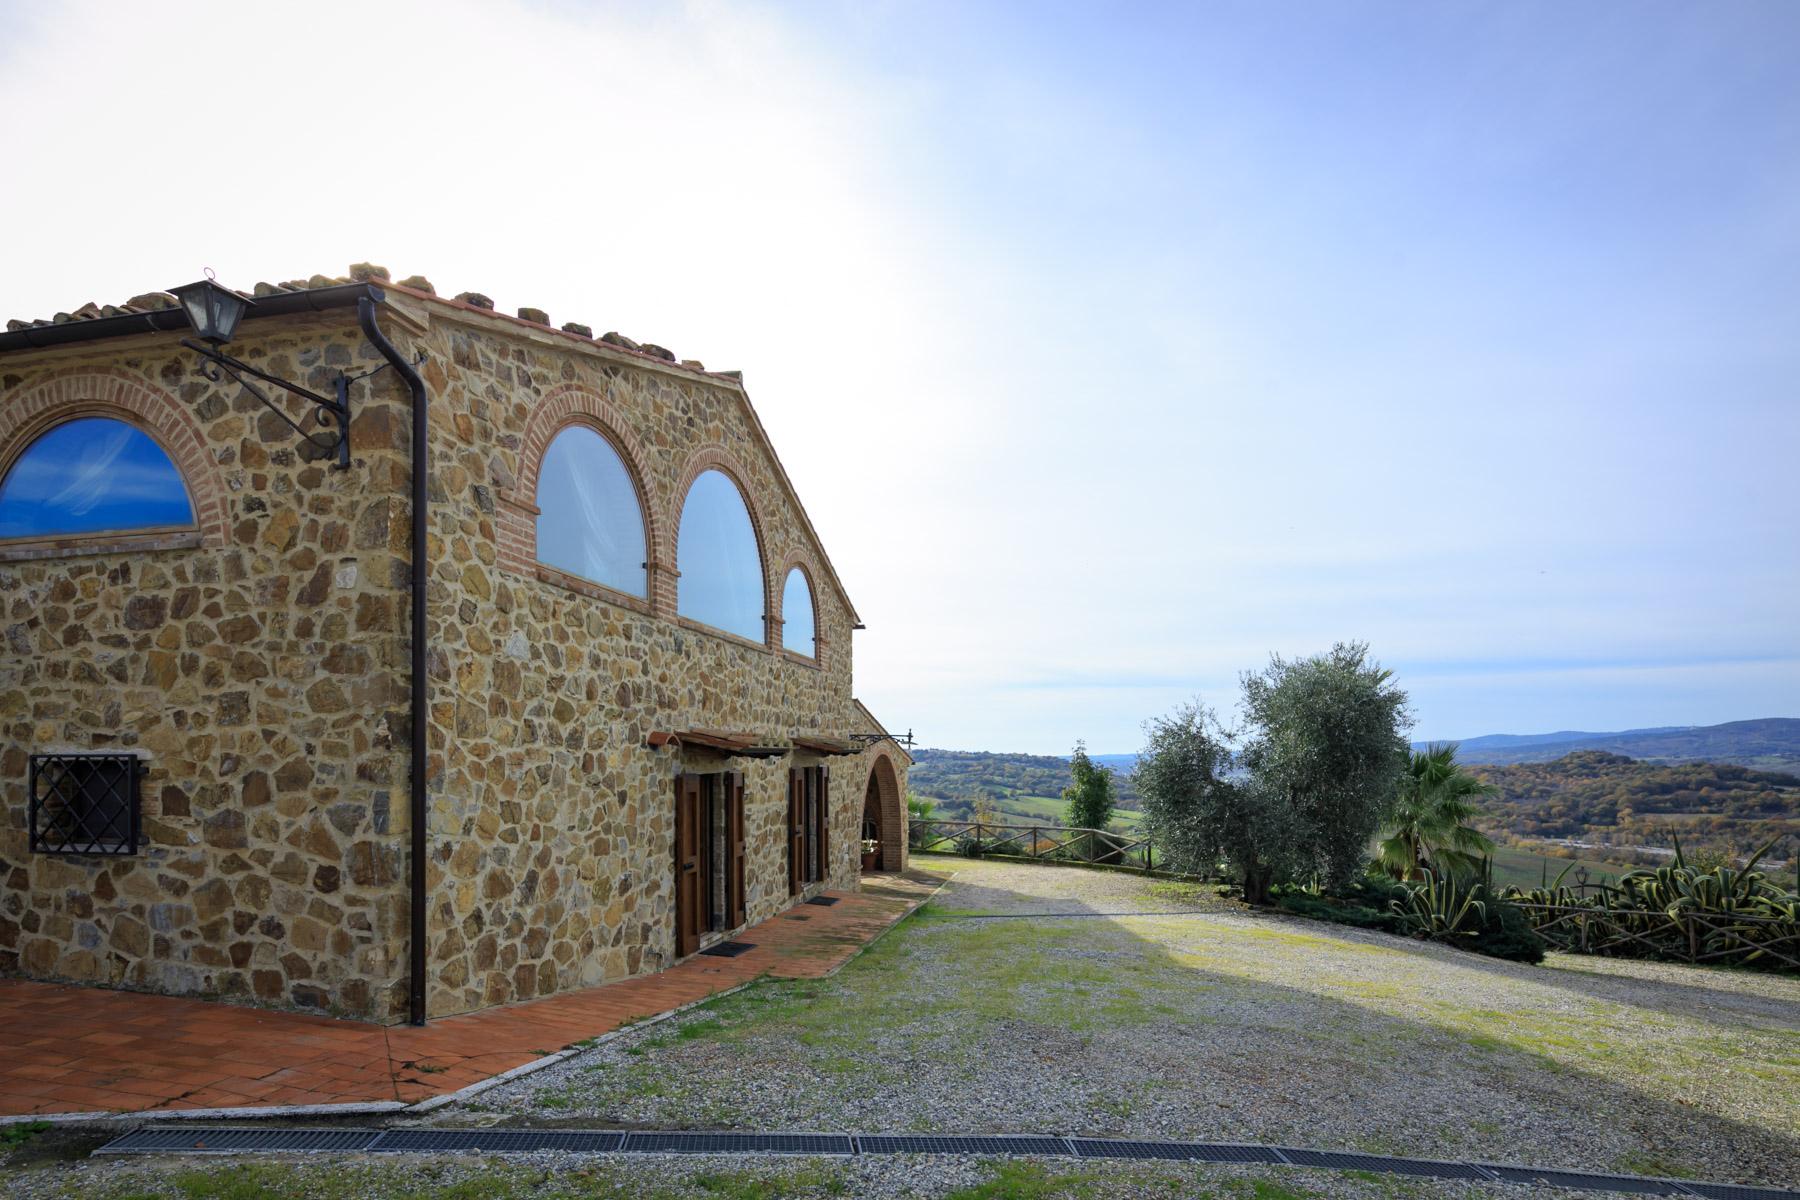 Rustico in Vendita a Manciano: 5 locali, 500 mq - Foto 6